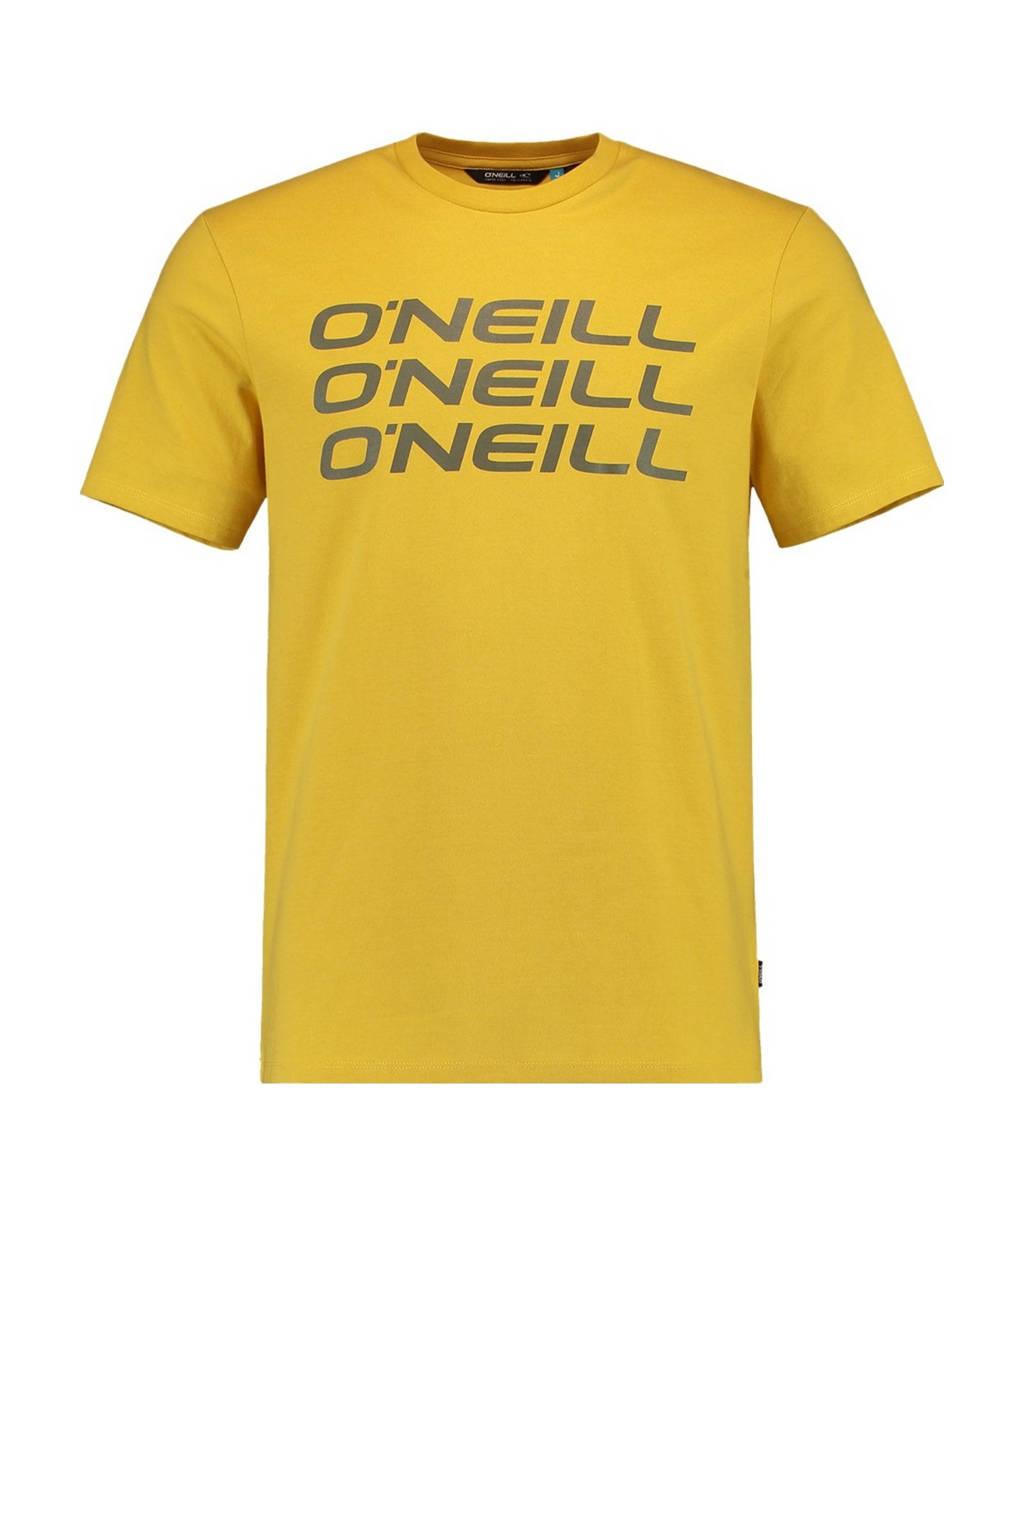 O'Neill T-shirt geel, Geel